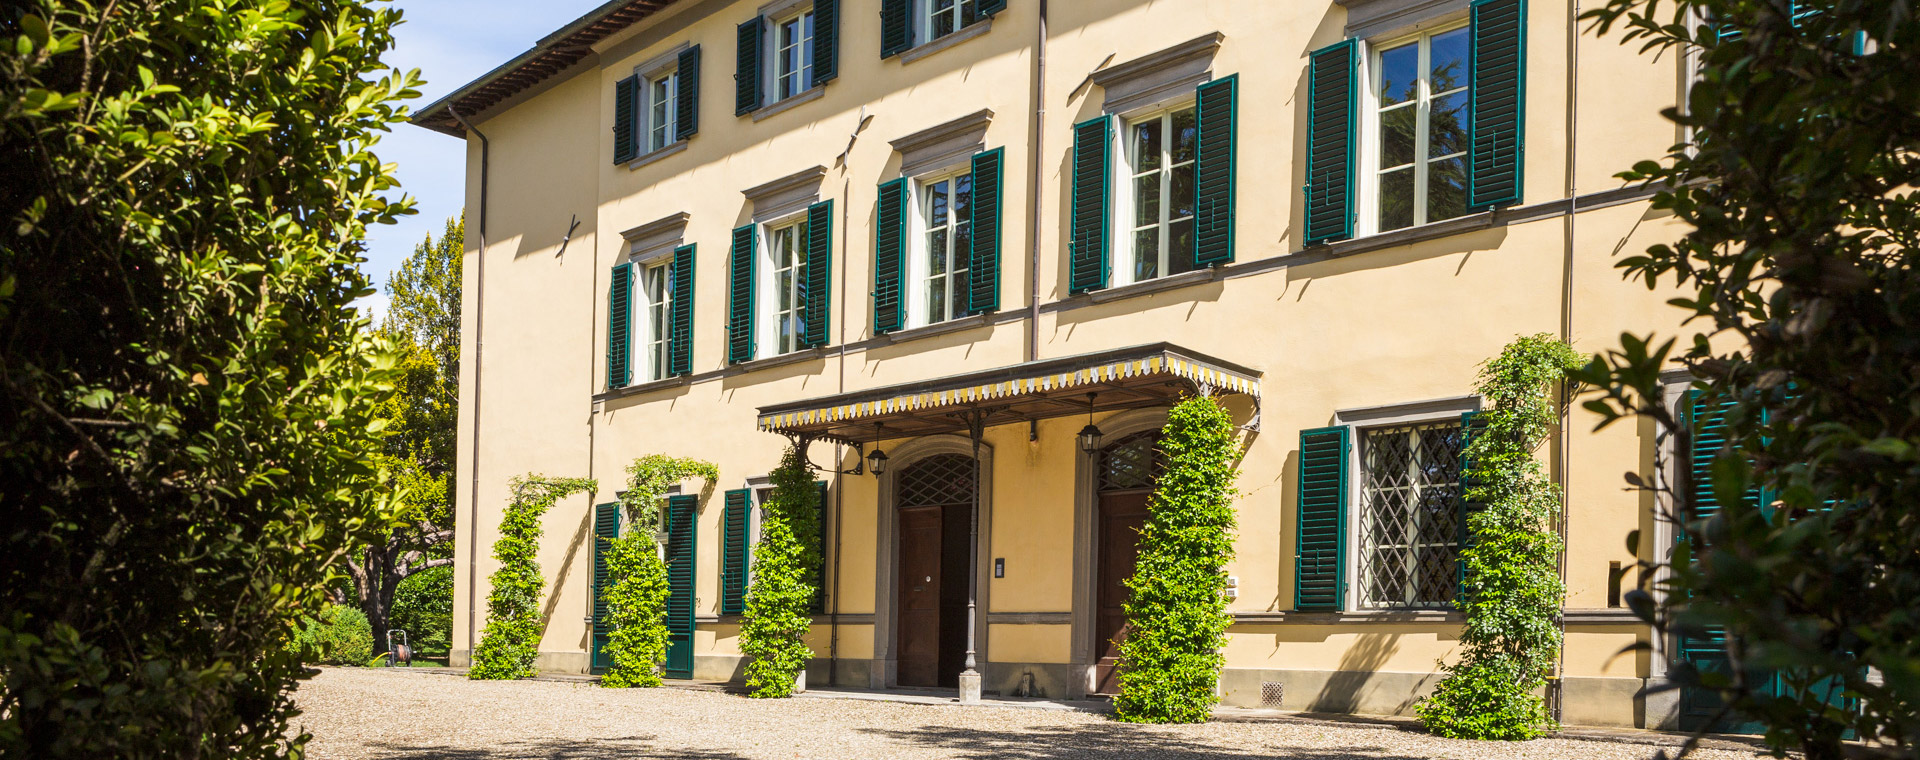 Villa di lusso in Toscana